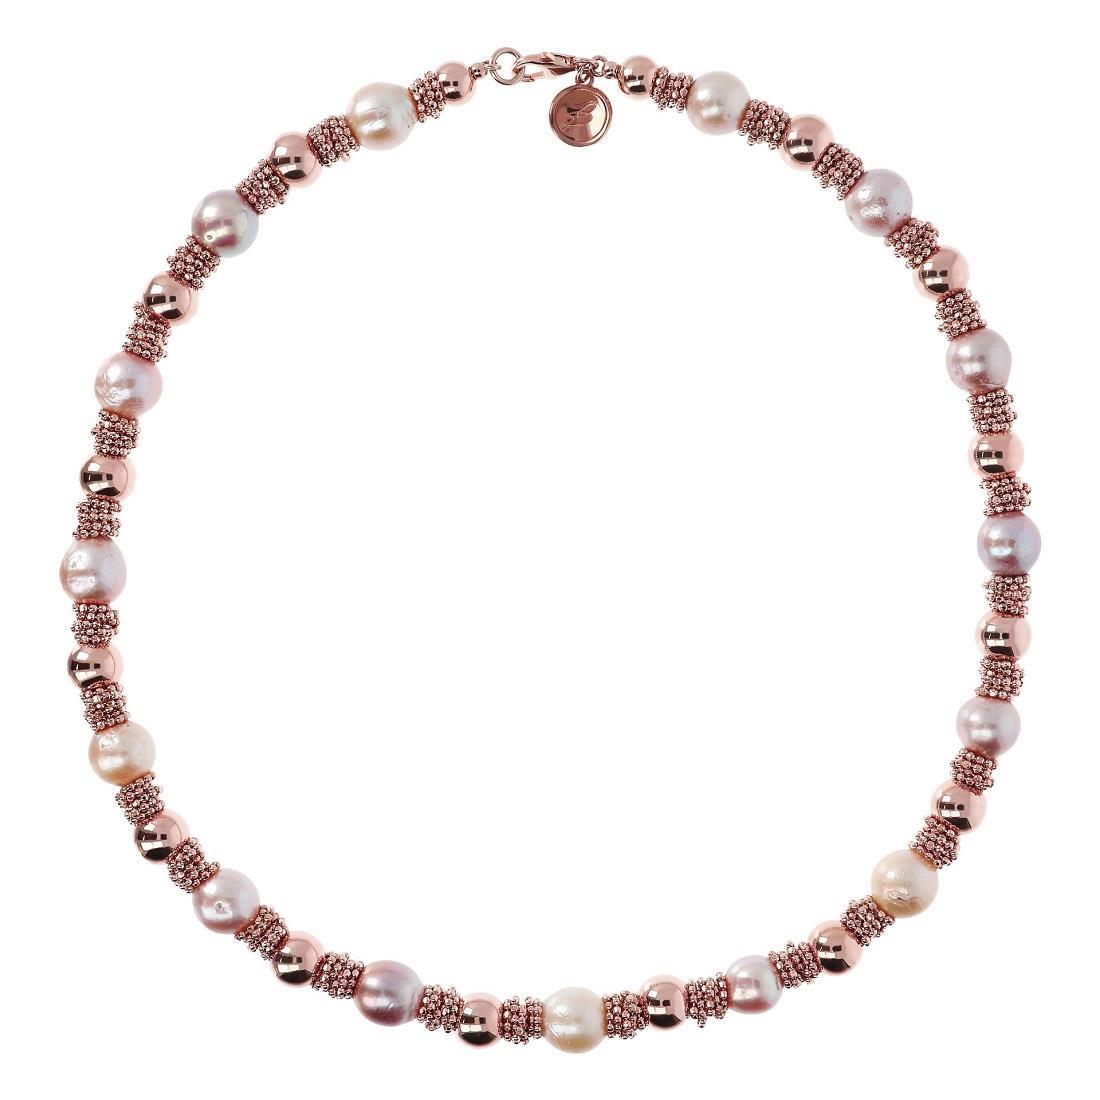 Collana con perle - BRONZALLURE